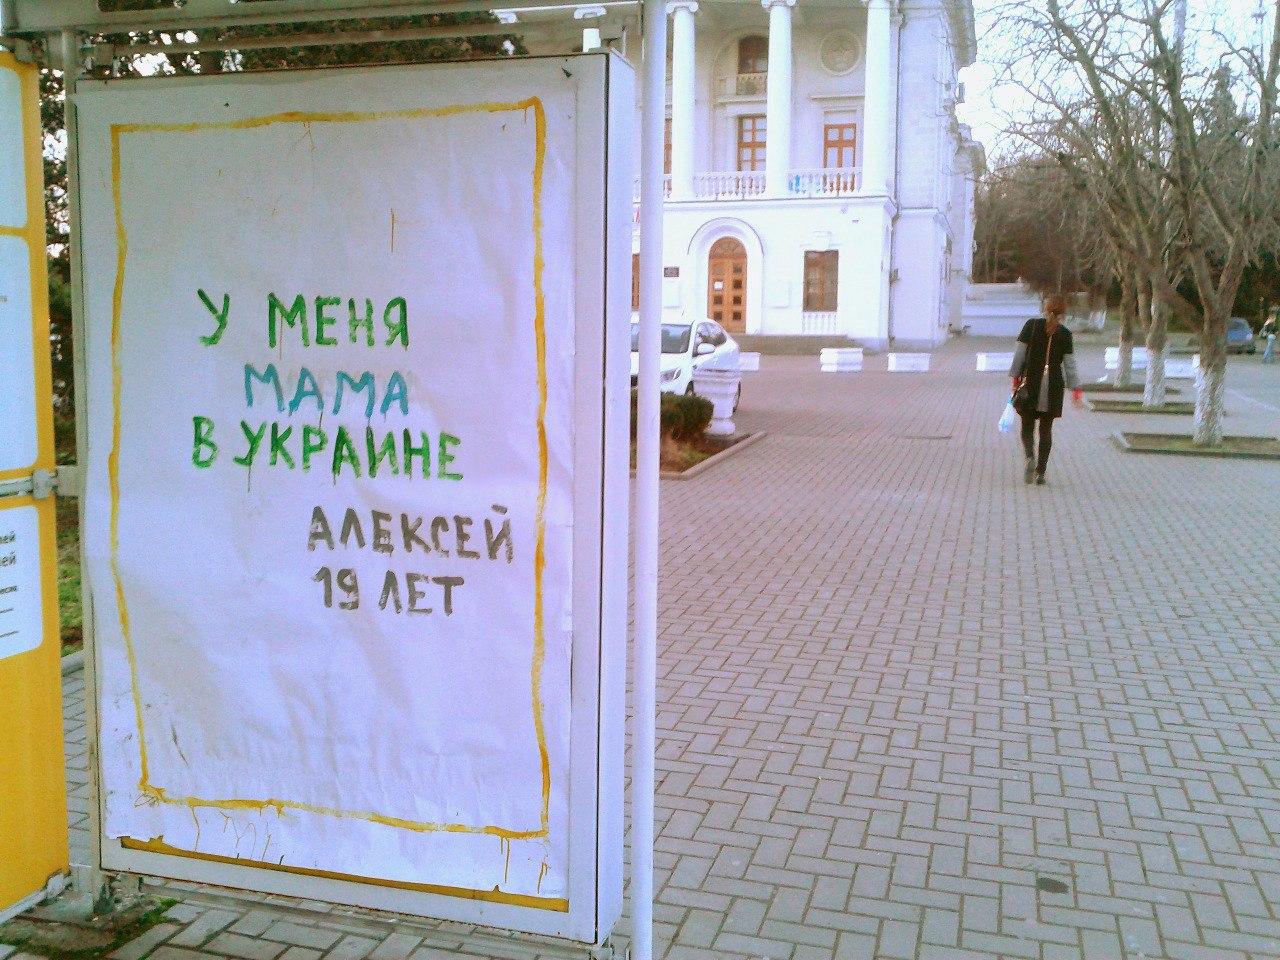 У меня в Украине – пронзительный стрит-арт в Севастополе